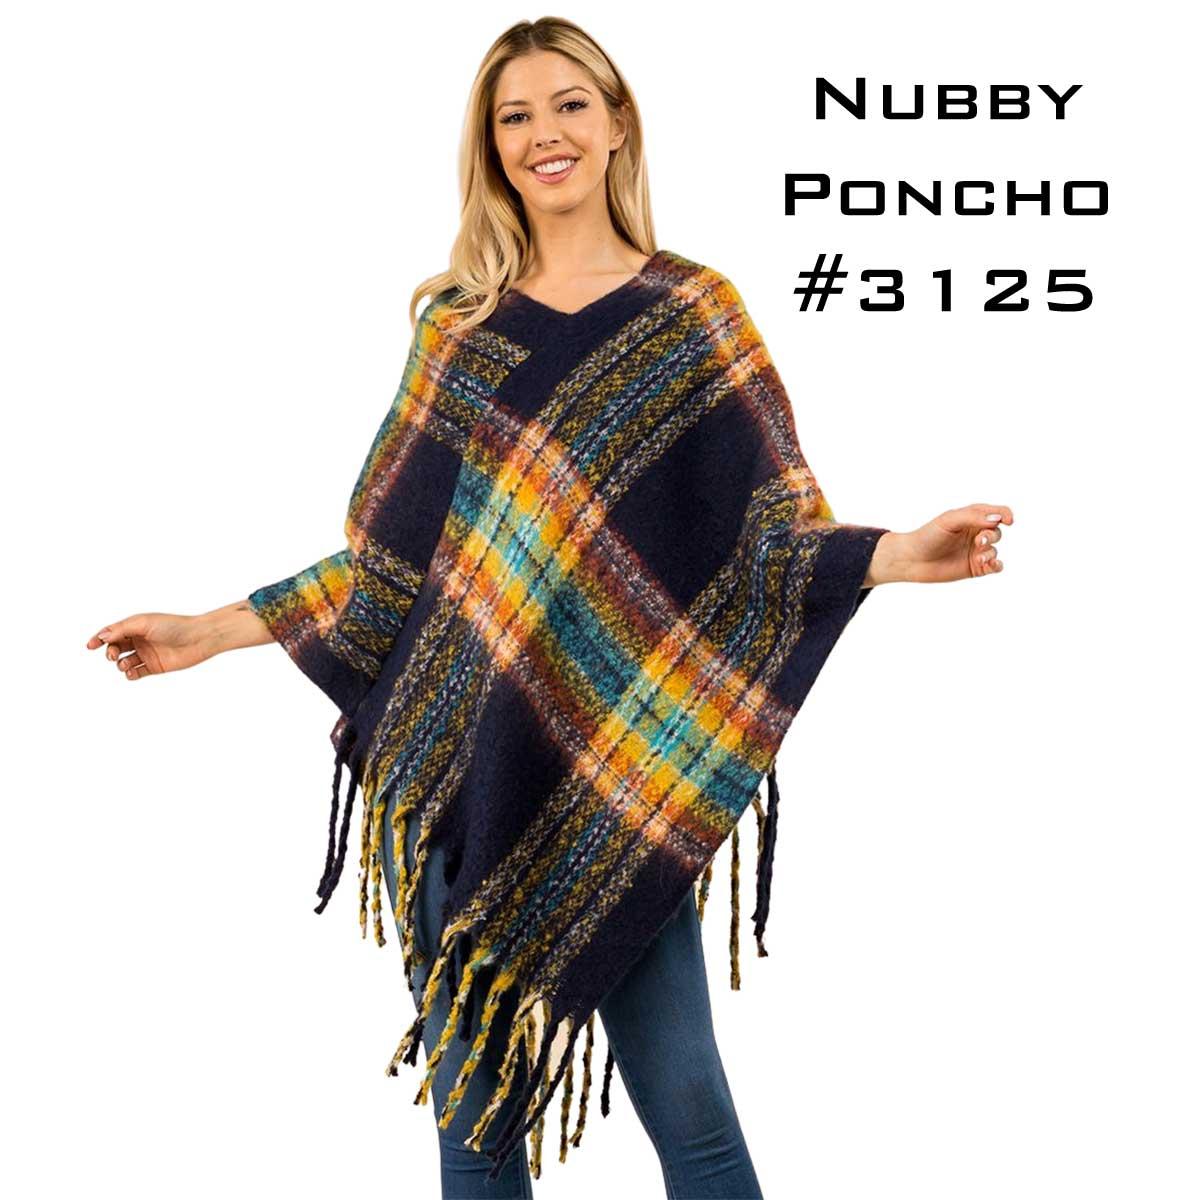 Poncho - Nubby Plaid 3125